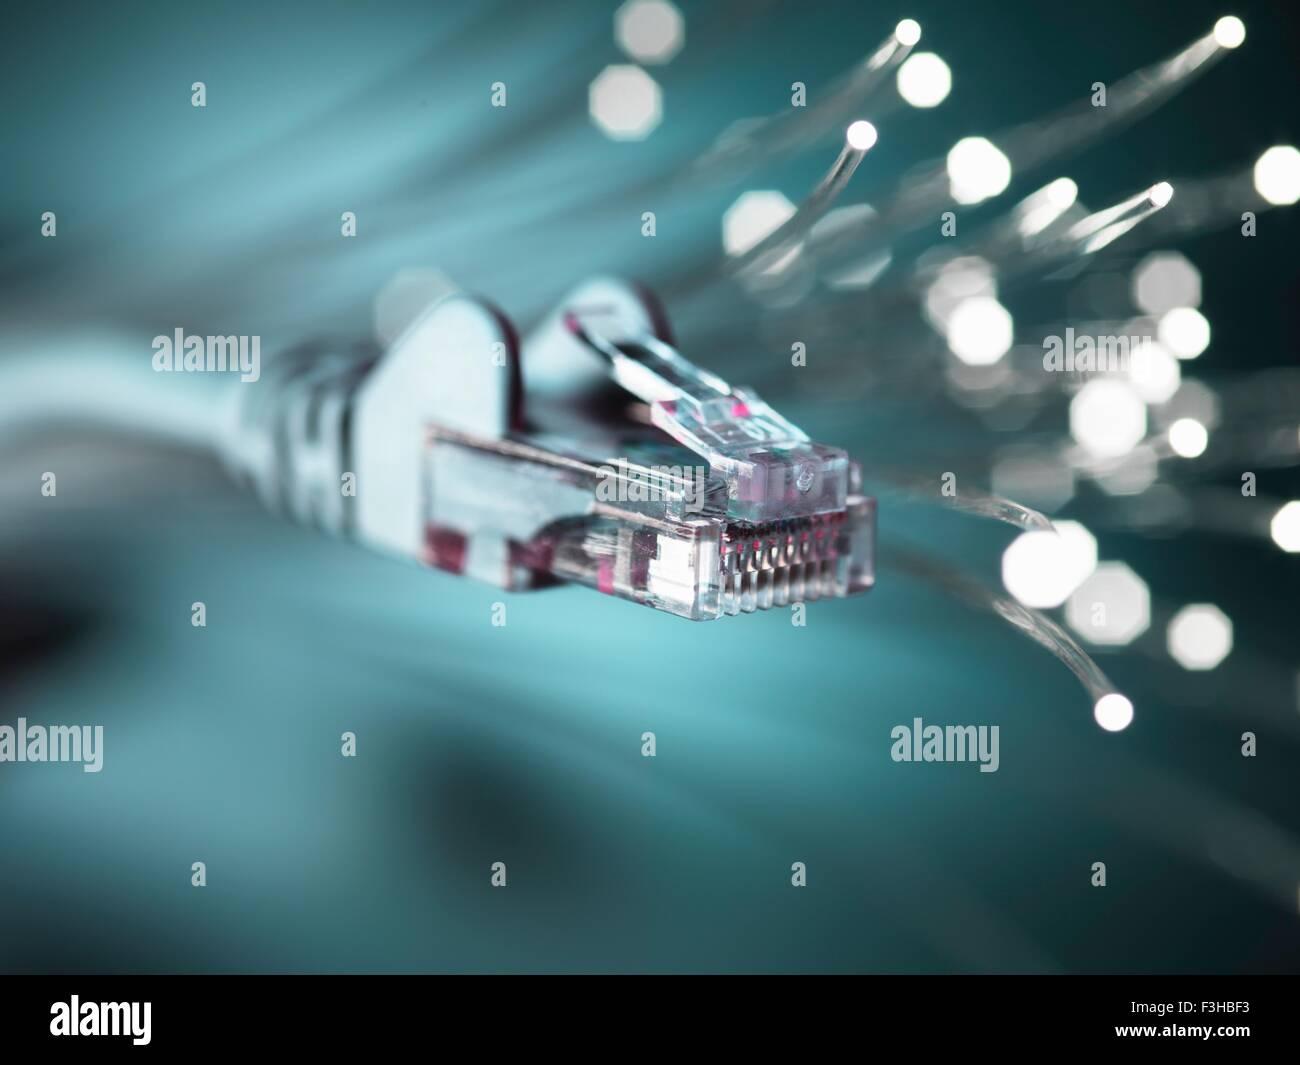 Conector de red de Internet con fibra óptica, close-up Imagen De Stock